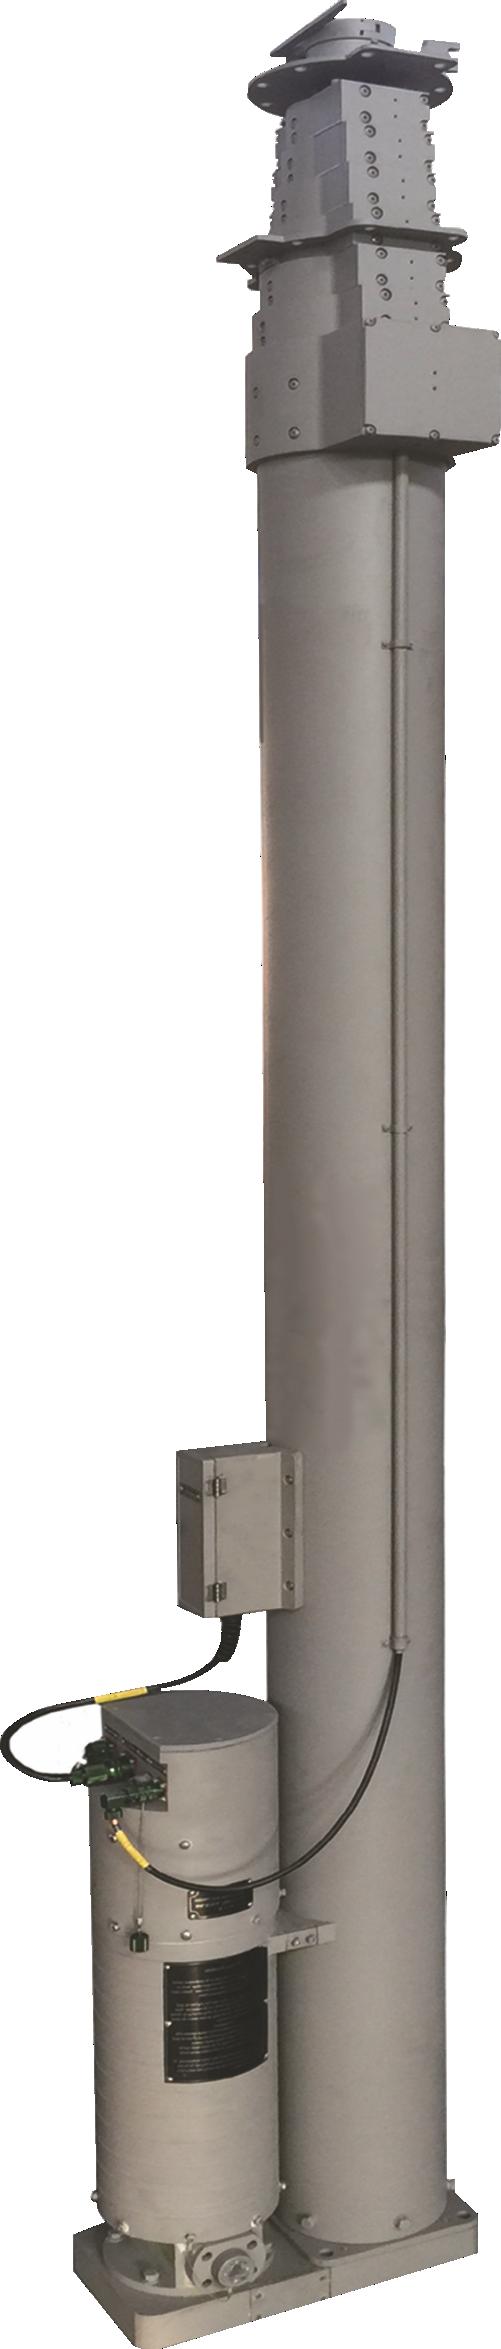 Электромеханические мачты DSG - Je